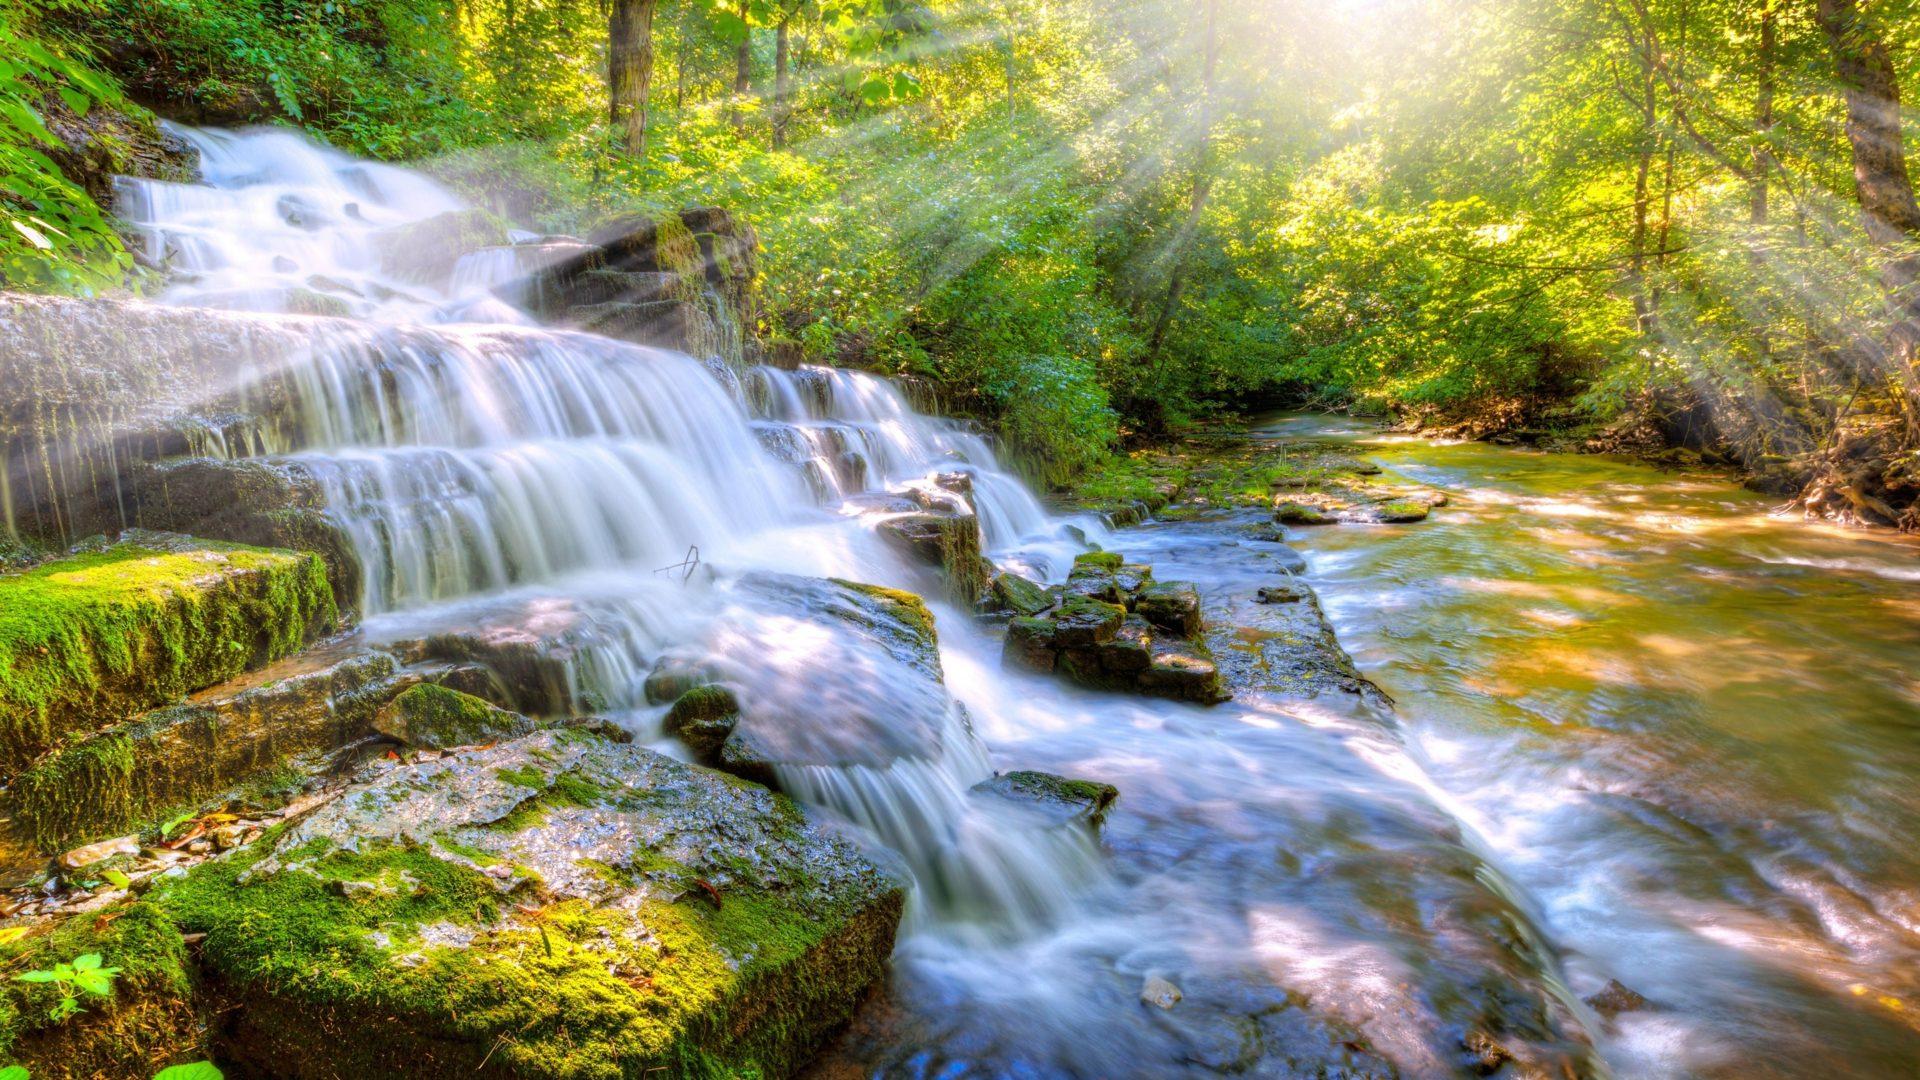 1280x1024 Fall Wallpaper Cascade Waterfall River Stones With Moss Green Sunlight